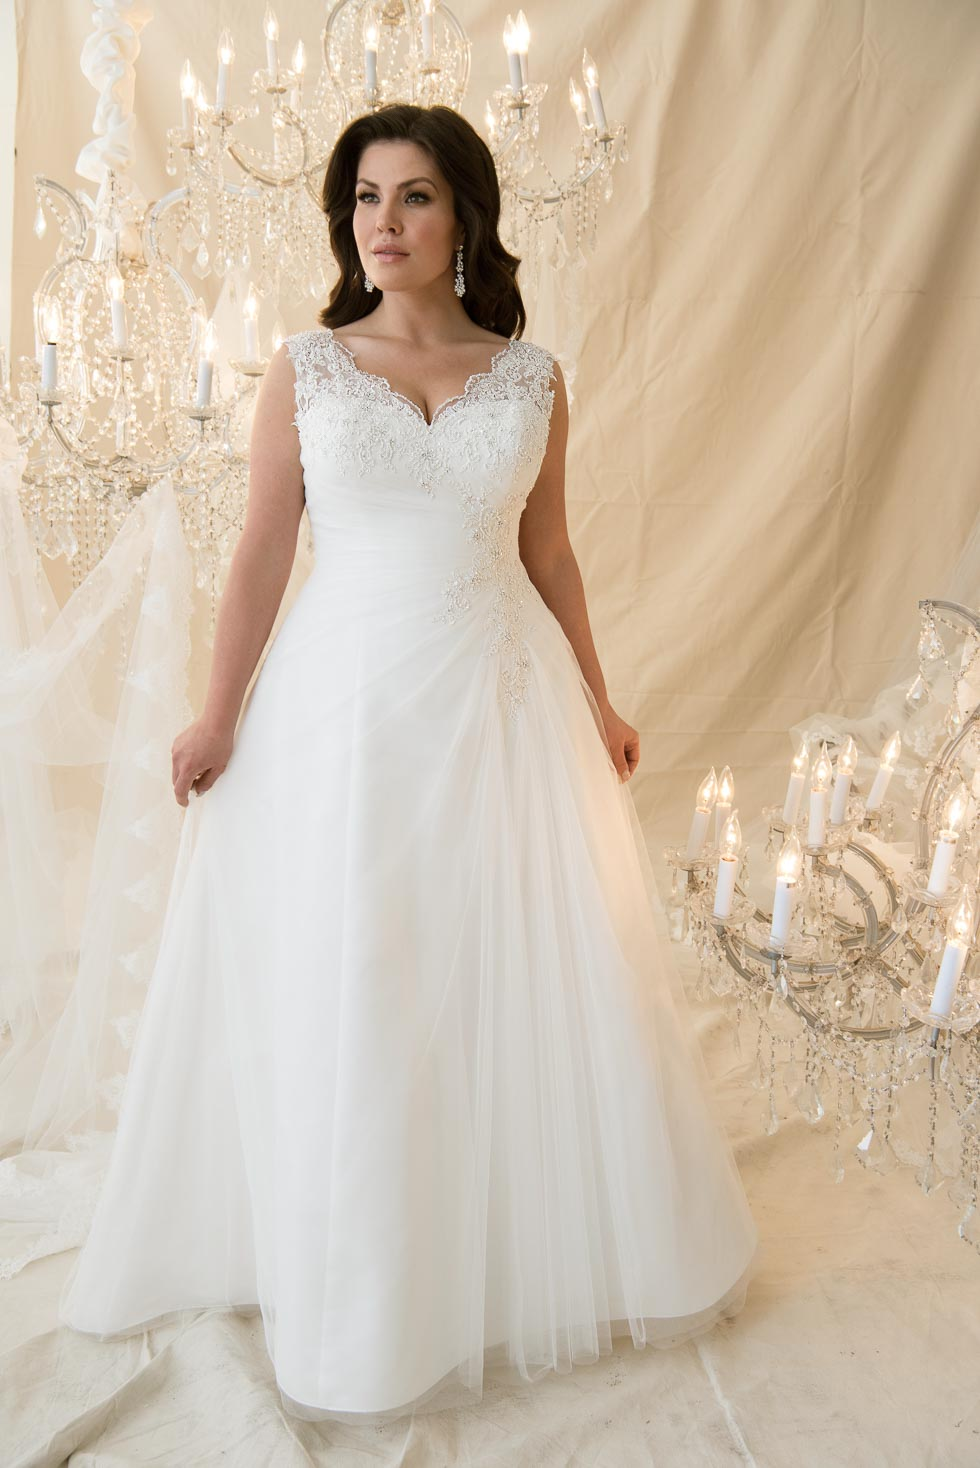 Brautkleider In Grossen Grossen Endlich Schone Modelle